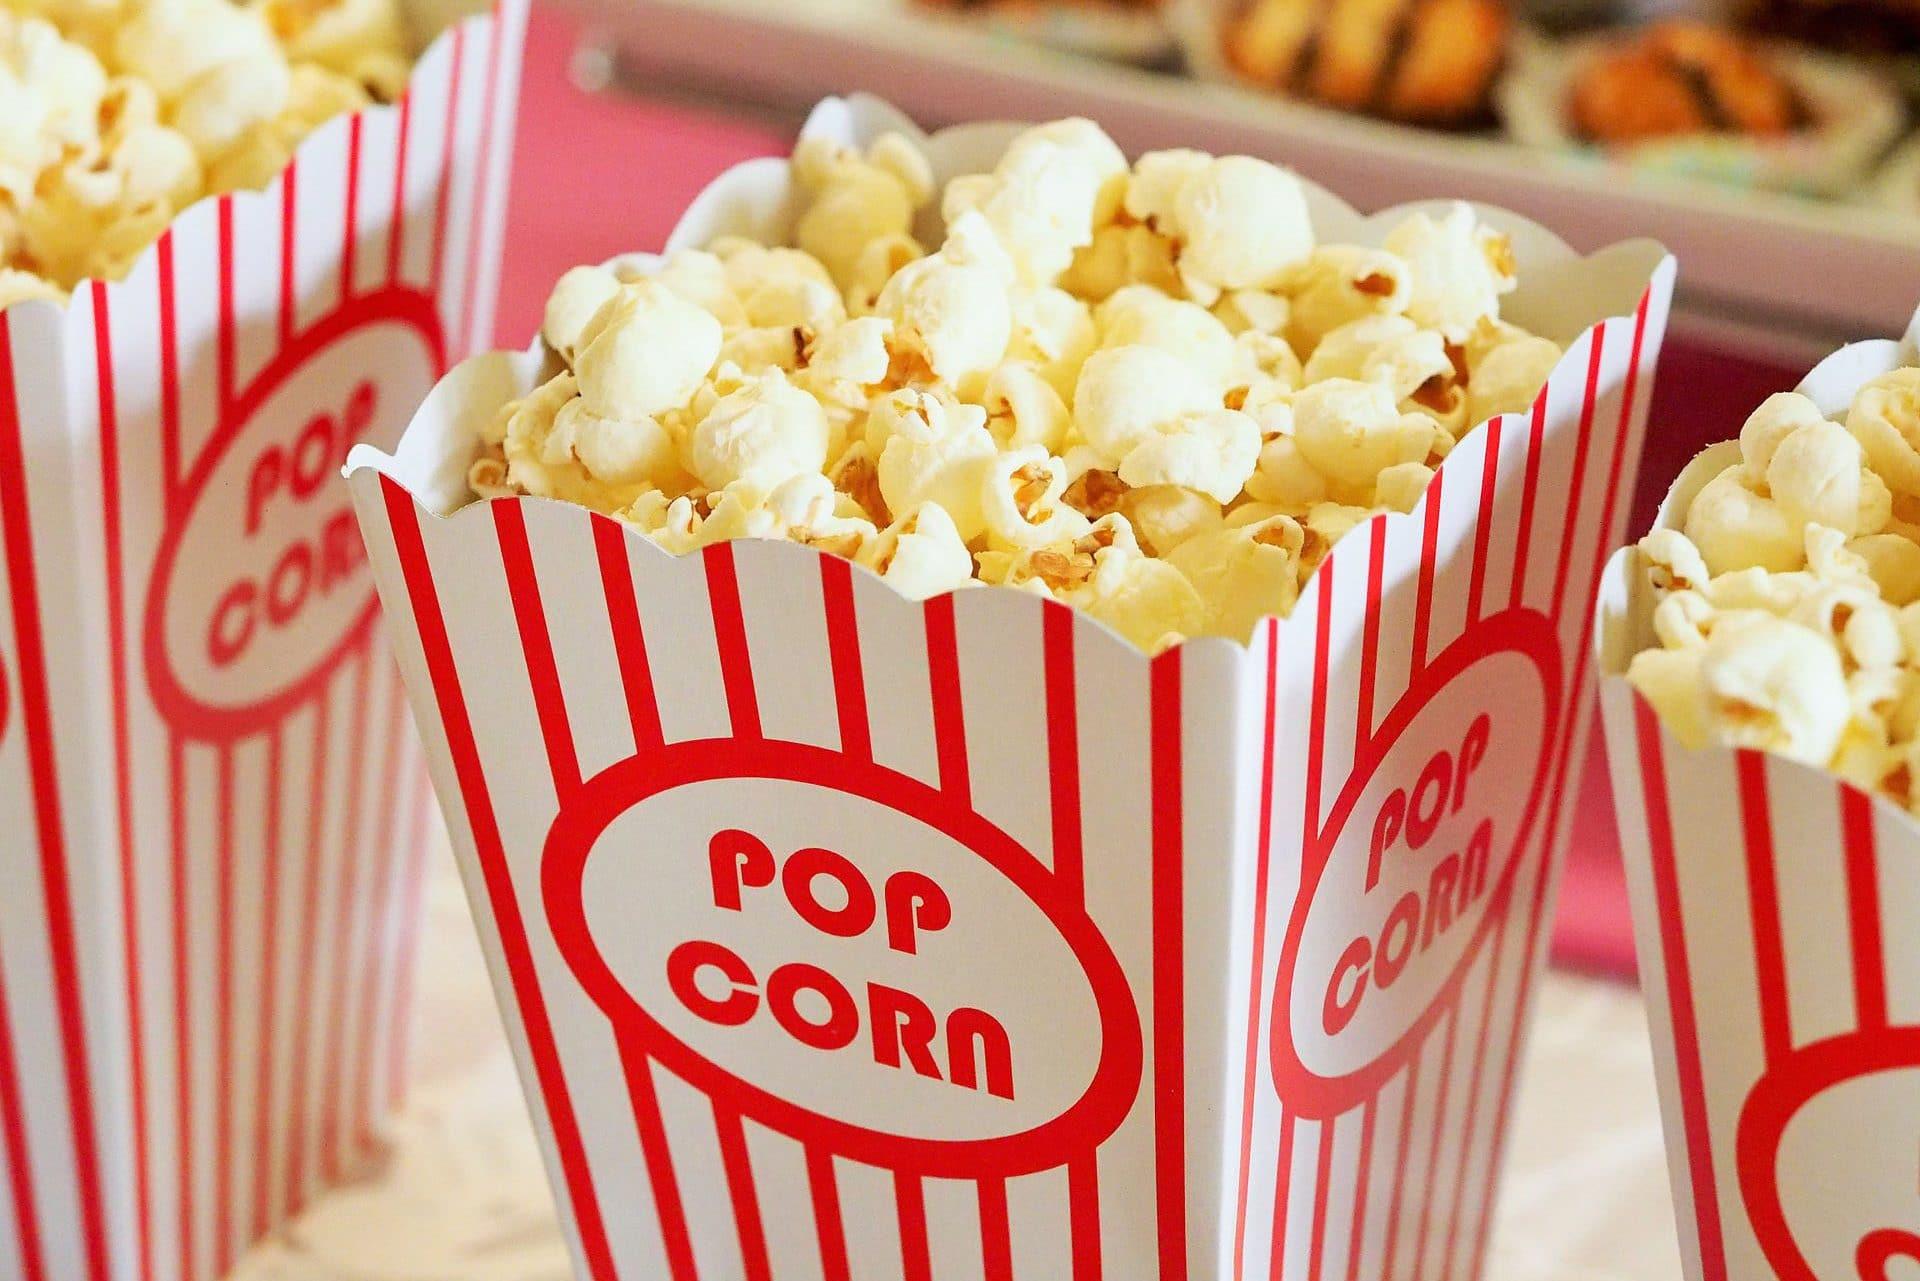 子供が映画を観に行く時、座席の予約方法は?